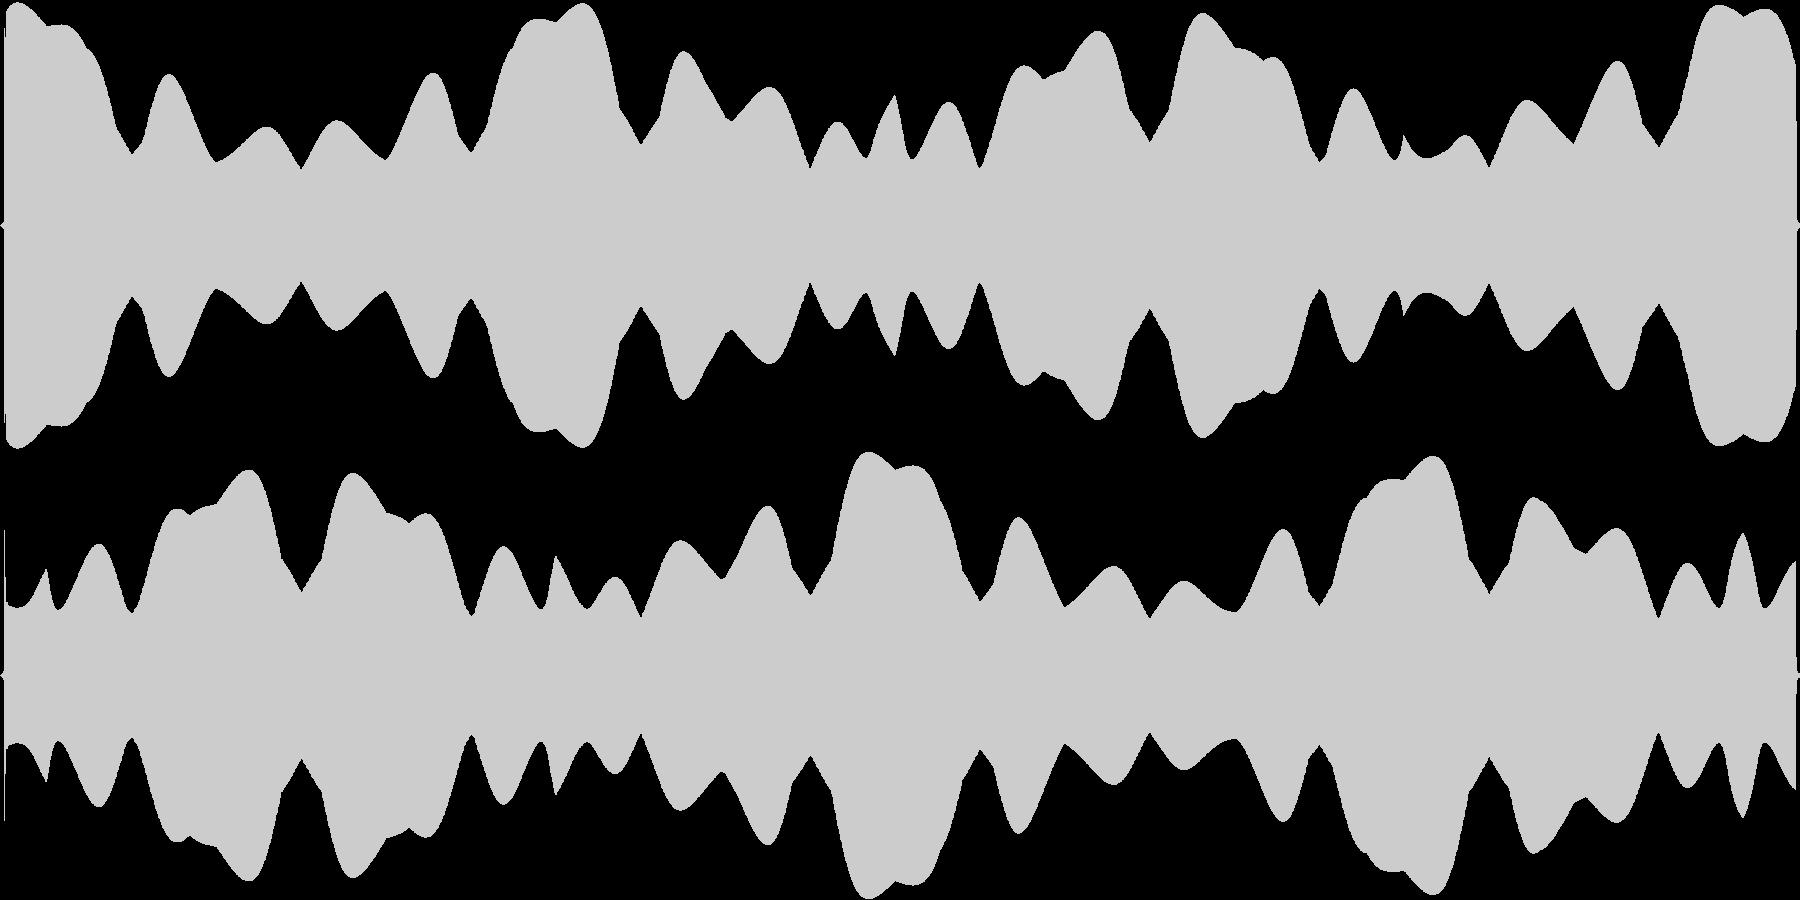 フワフワと浮くイメージSEの未再生の波形